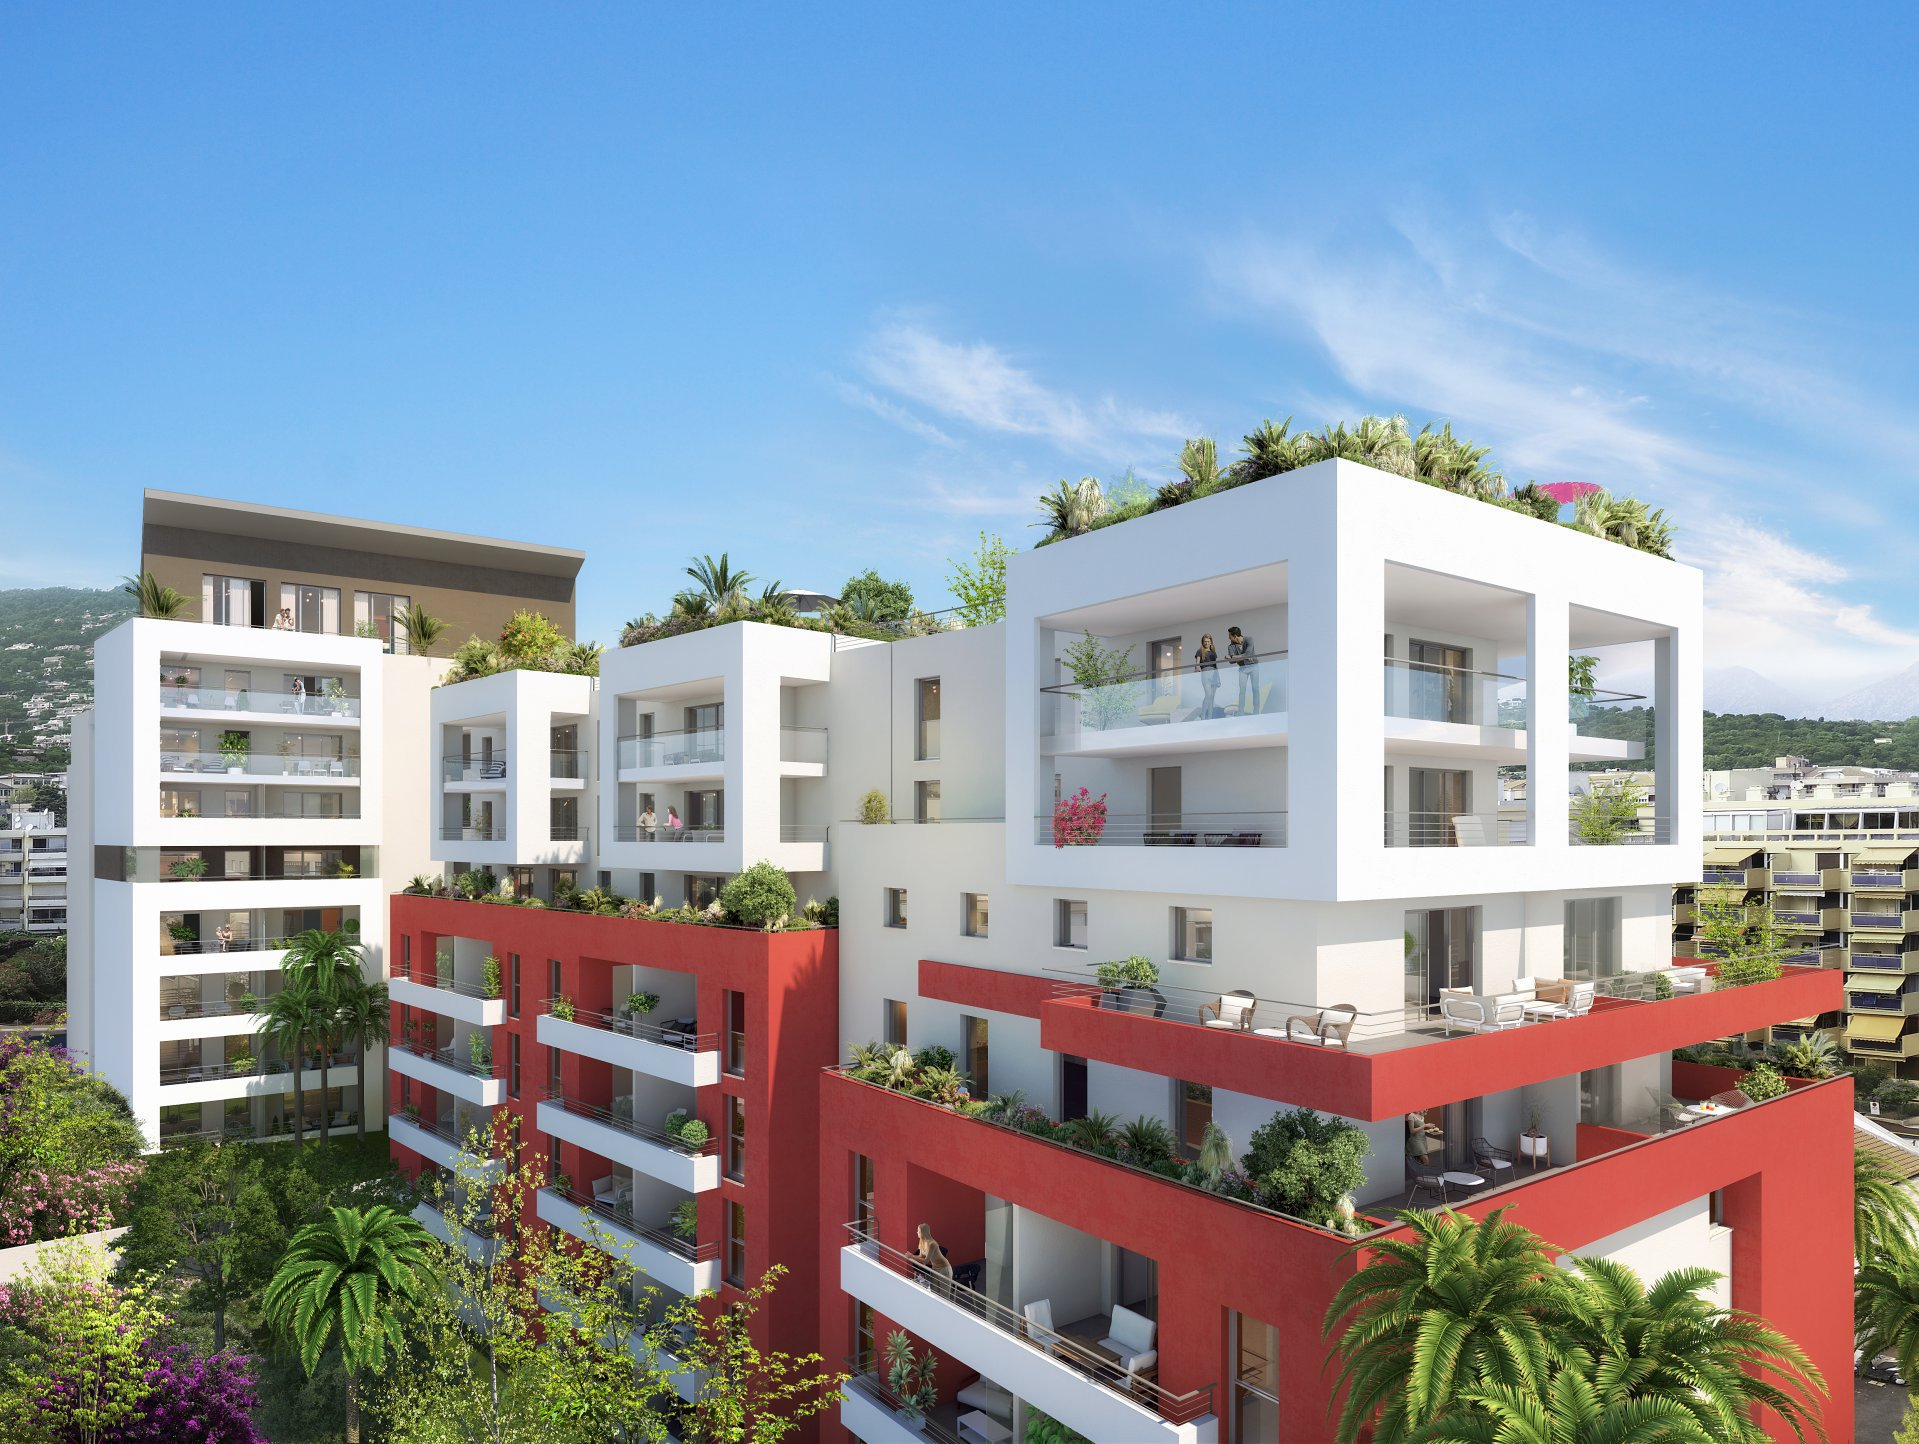 ROQUEBRUNE CAP MARTIN - Top floor - luxury 2 bed Apartment - near beaches